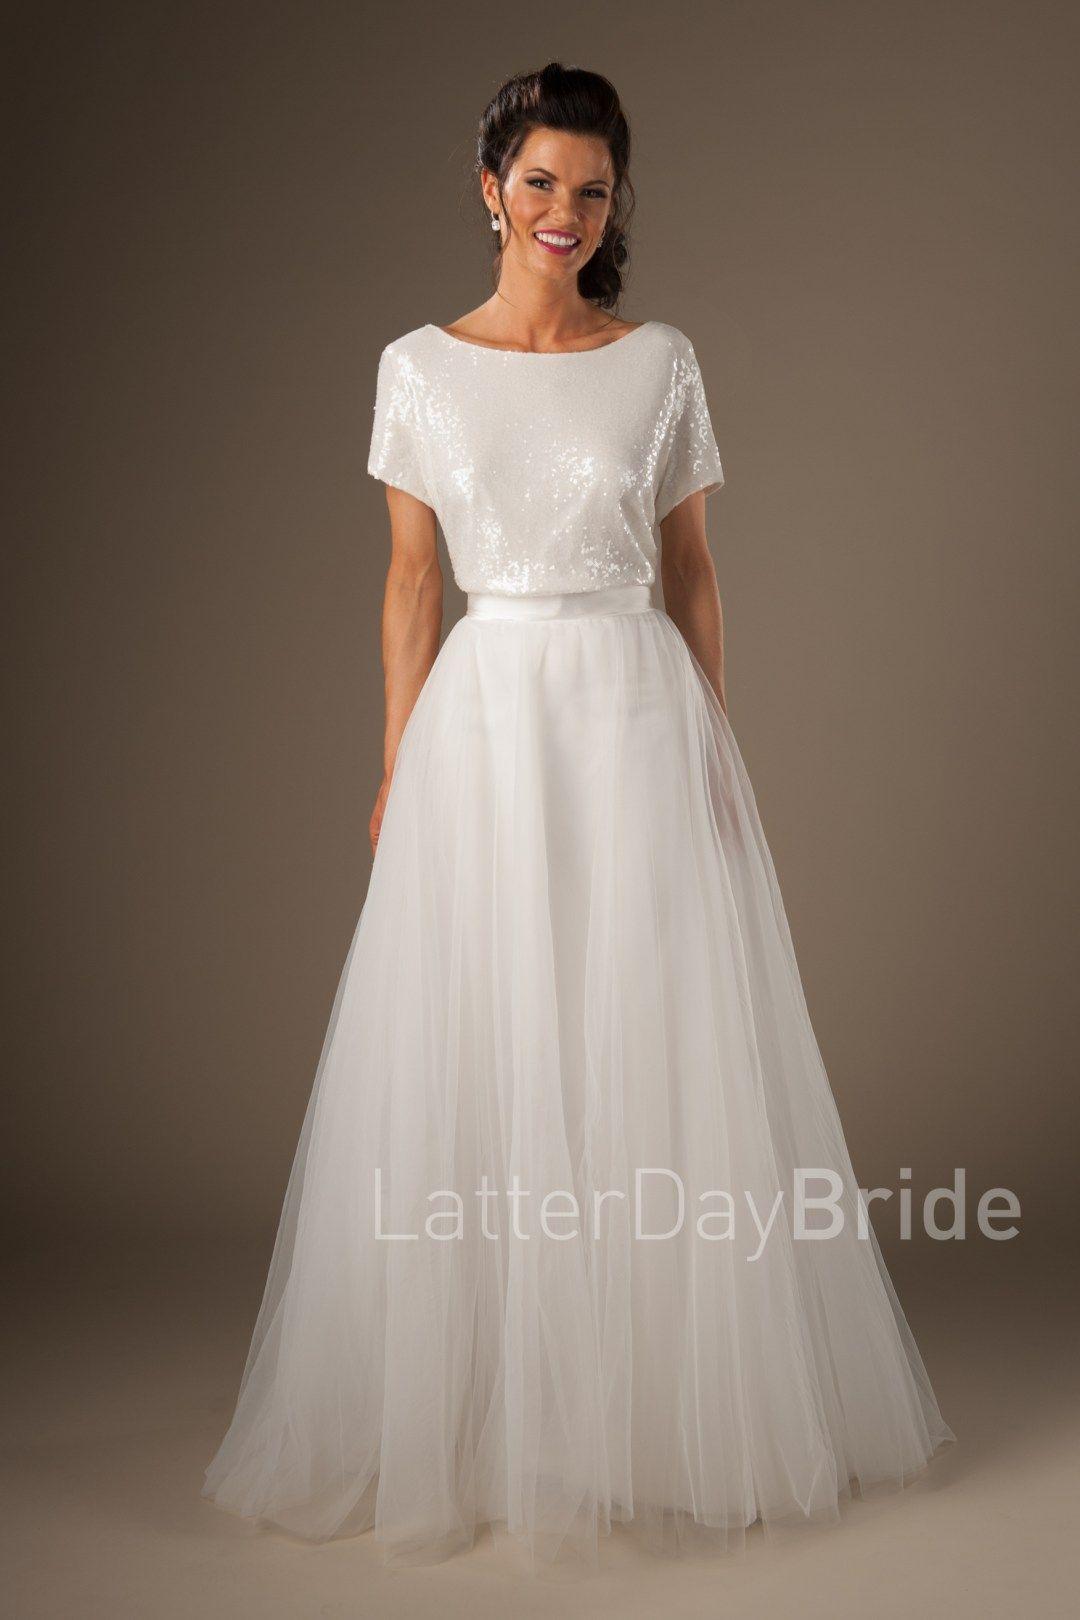 069e14570a00 Lds Modest Prom Dresses - PostParc